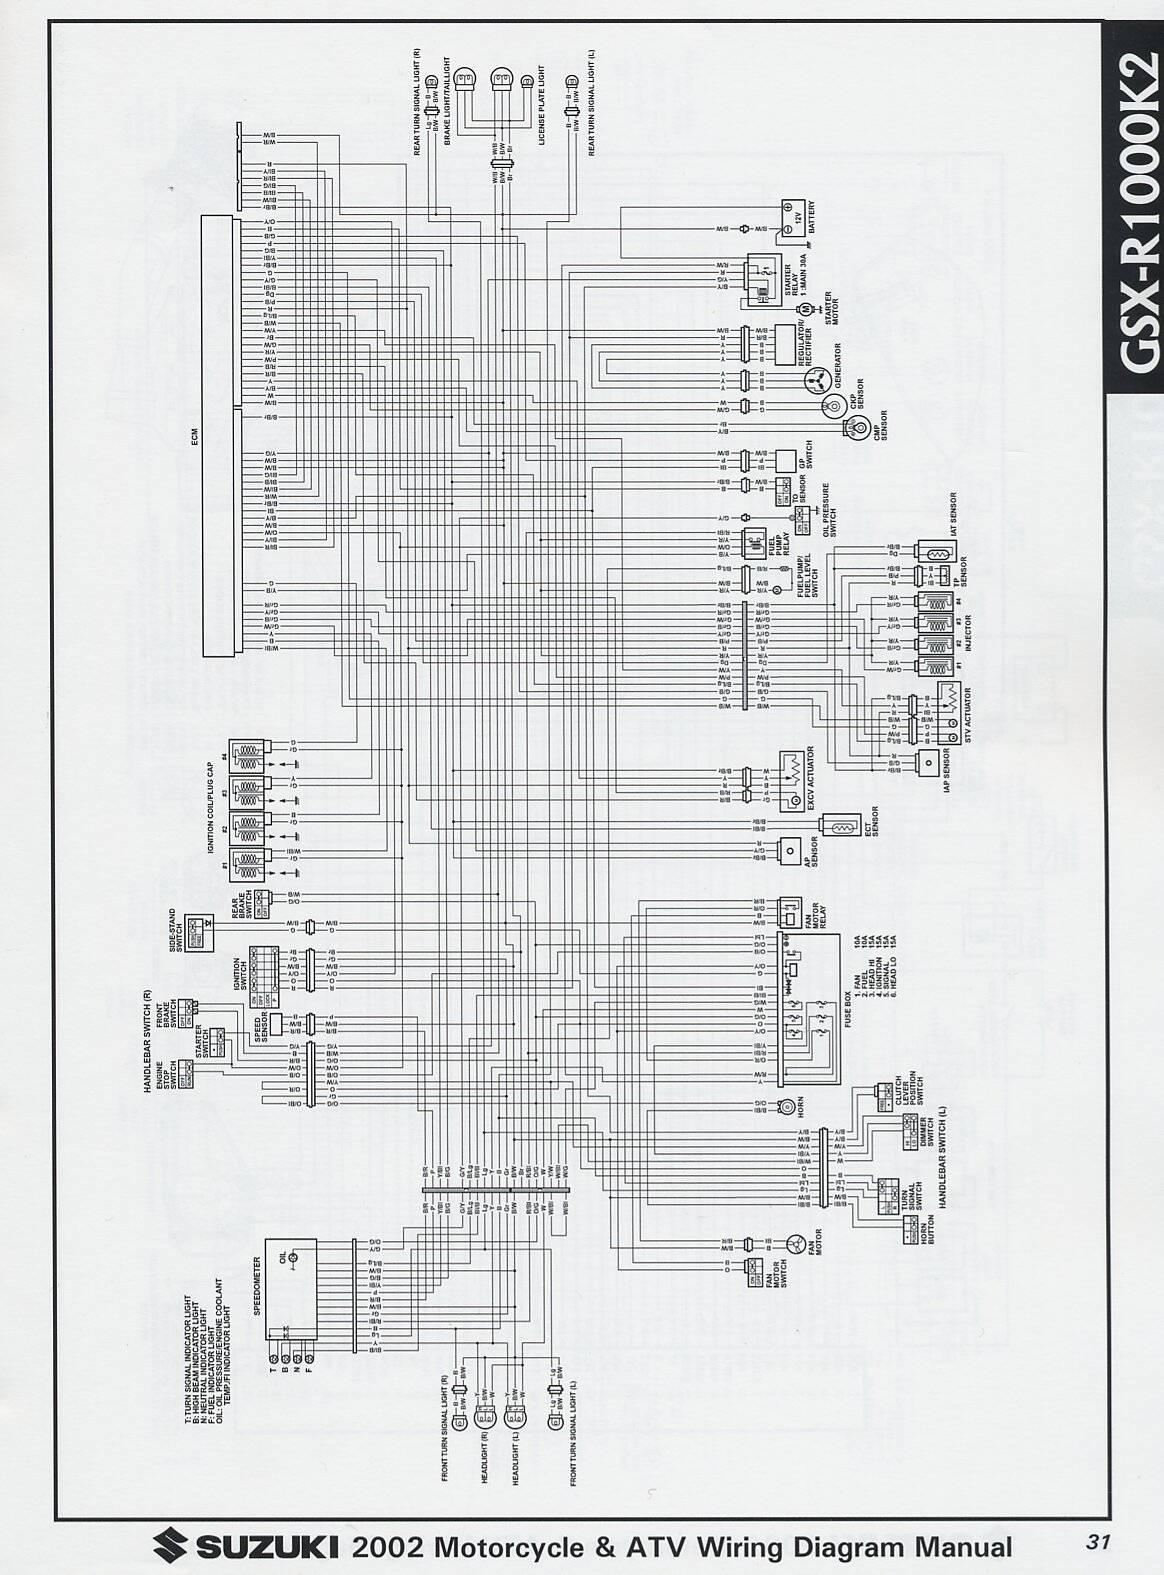 wiring diagram 2003 gsx r1000 wiring diagram schematic 2004 Gsxr 1000 Wiring Diagram 2002 gsxr 1000 wiring diagram most exciting wiring diagram 2002 gsxr 1000 ignition wiring diagram wiring